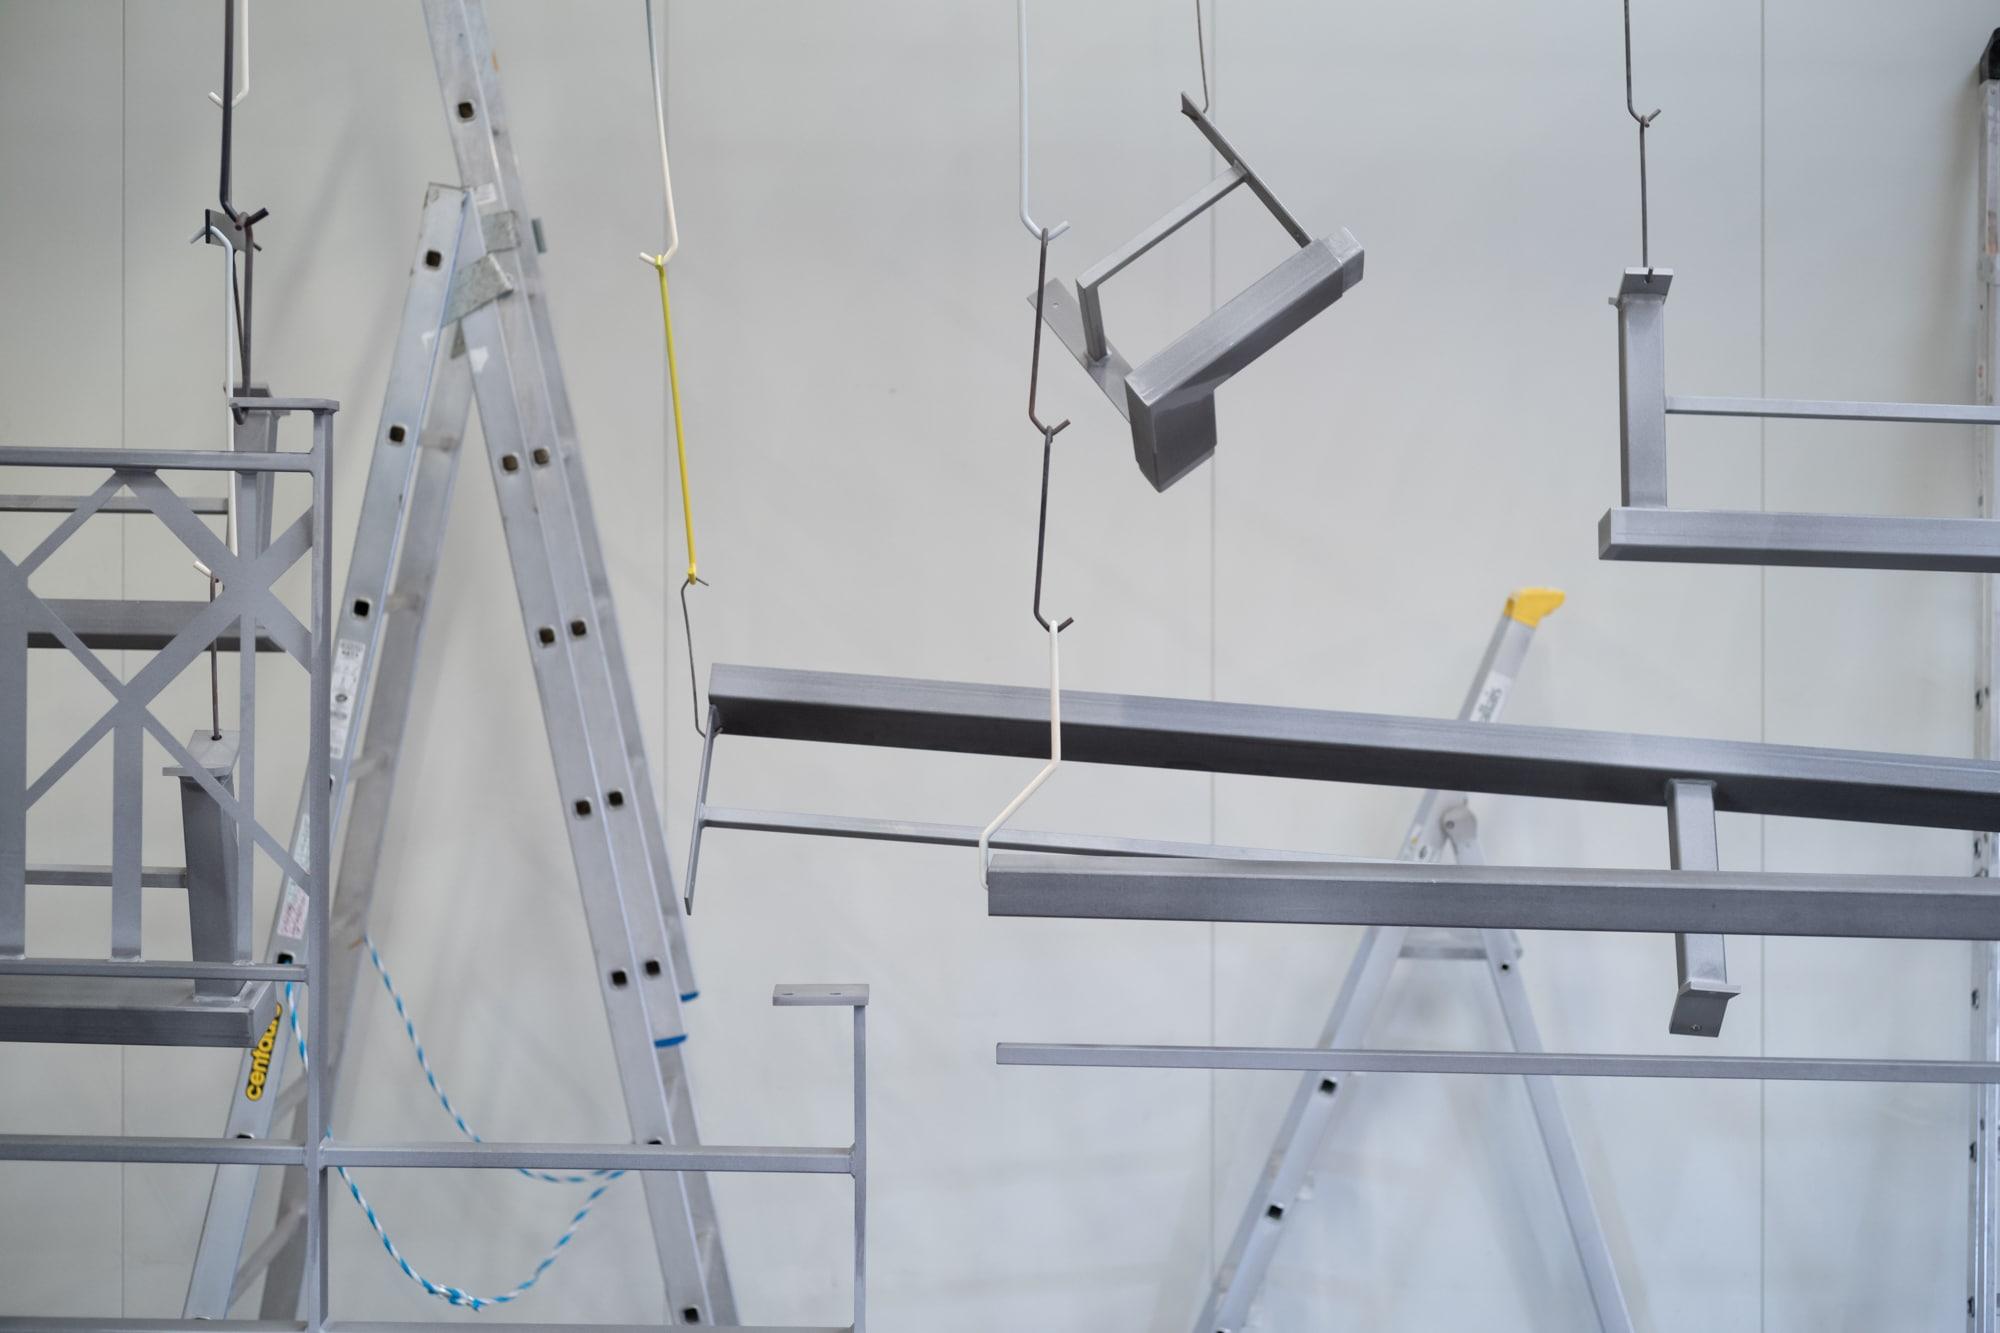 Différentes structures thermolaquées sont suspendues par des crochets sur un fond blanc